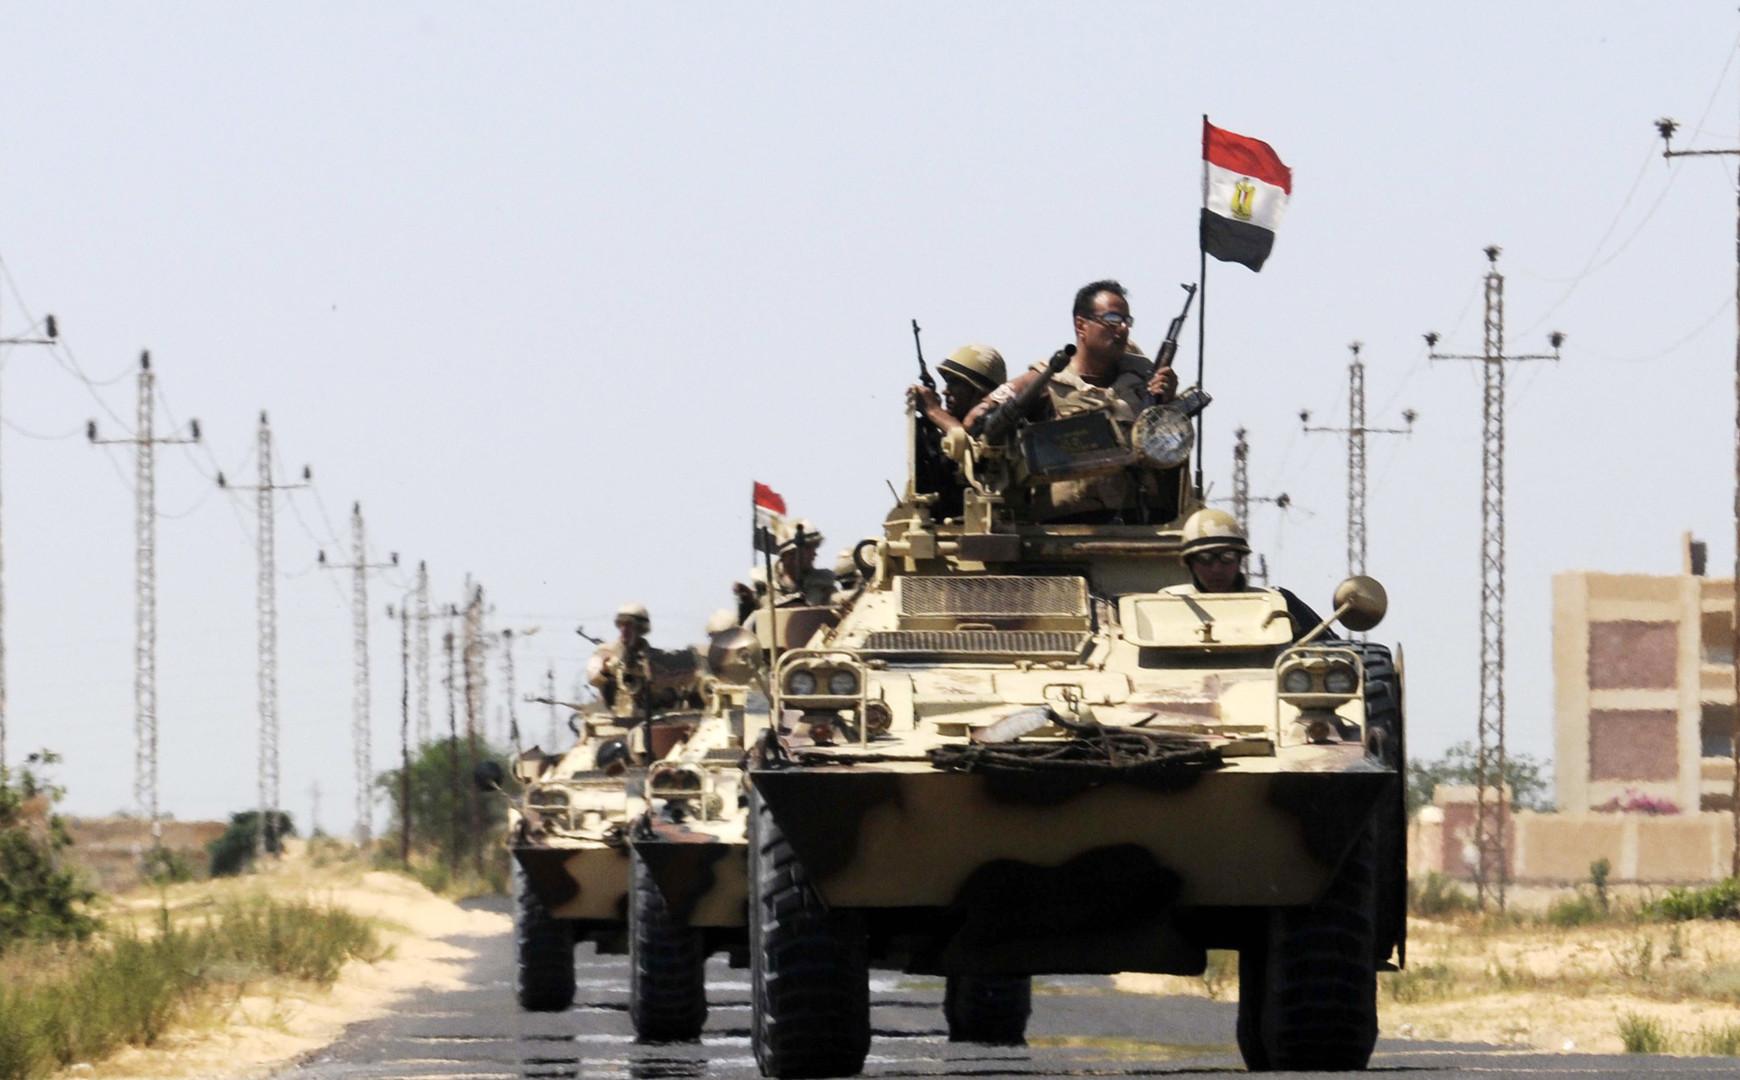 الجيش المصري يستخدم روبوتات للكشف عن الألغام في سيناء (صور)